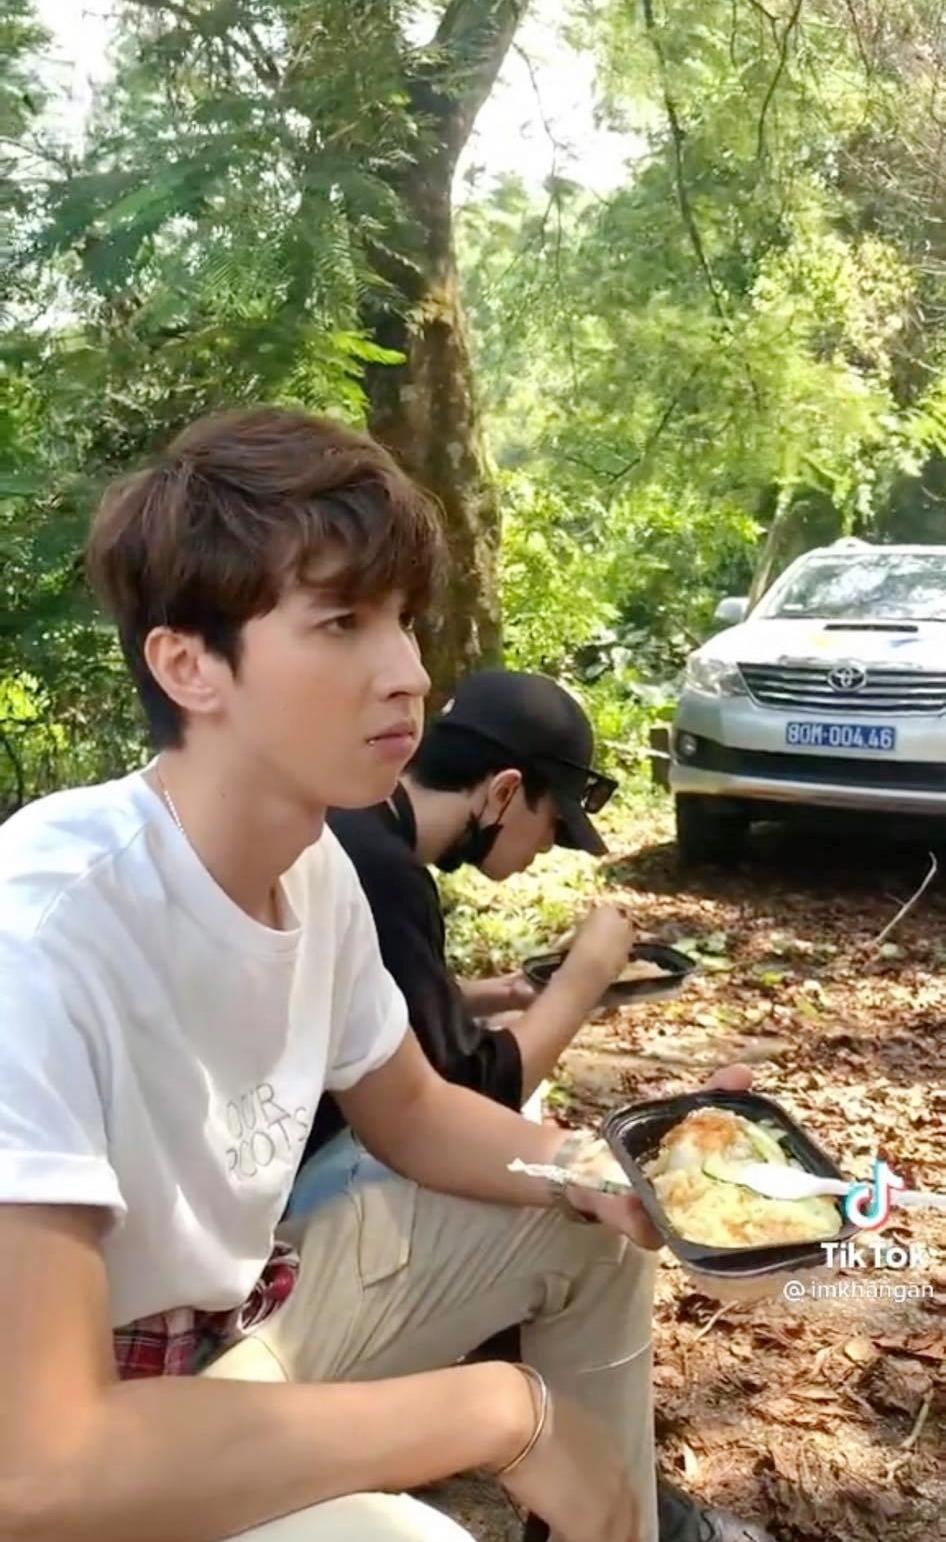 11 tháng 5 ngày: Khả Ngân tình tứ bón cho Thanh Sơn ăn trong hậu trường, bảo sao fan không đẩy thuyền - Ảnh 4.